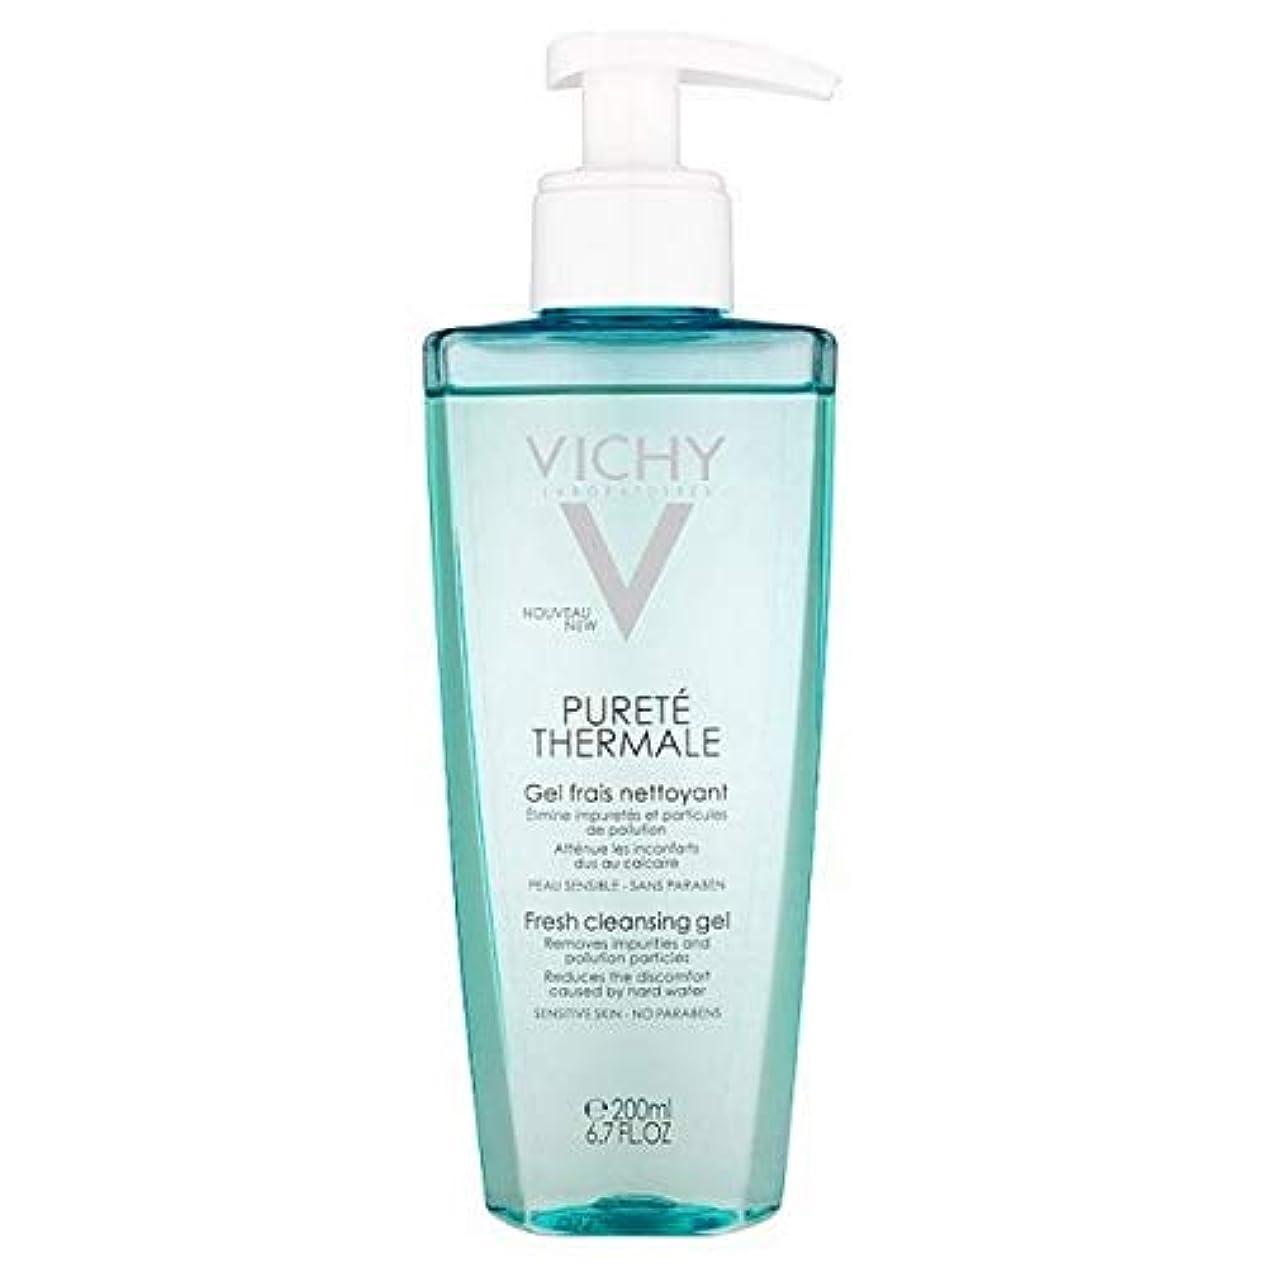 みなさん崩壊方程式[Vichy ] ヴィシーPureteのThermaleクレンジングジェル200Ml - Vichy Purete Thermale Cleansing Gel 200ml [並行輸入品]